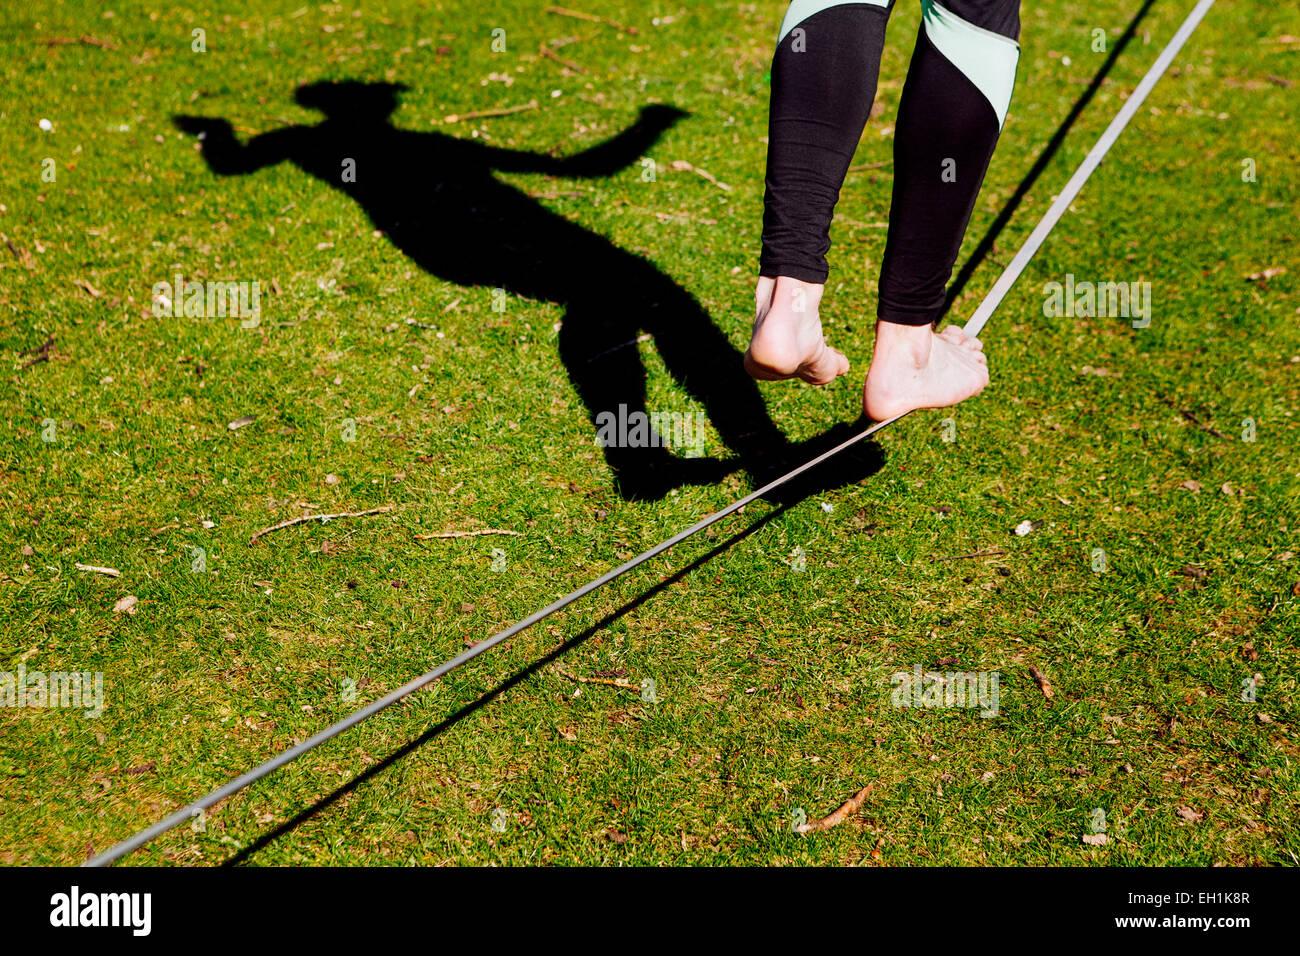 La section basse de l'homme en équilibre sur Slack-line in park Photo Stock